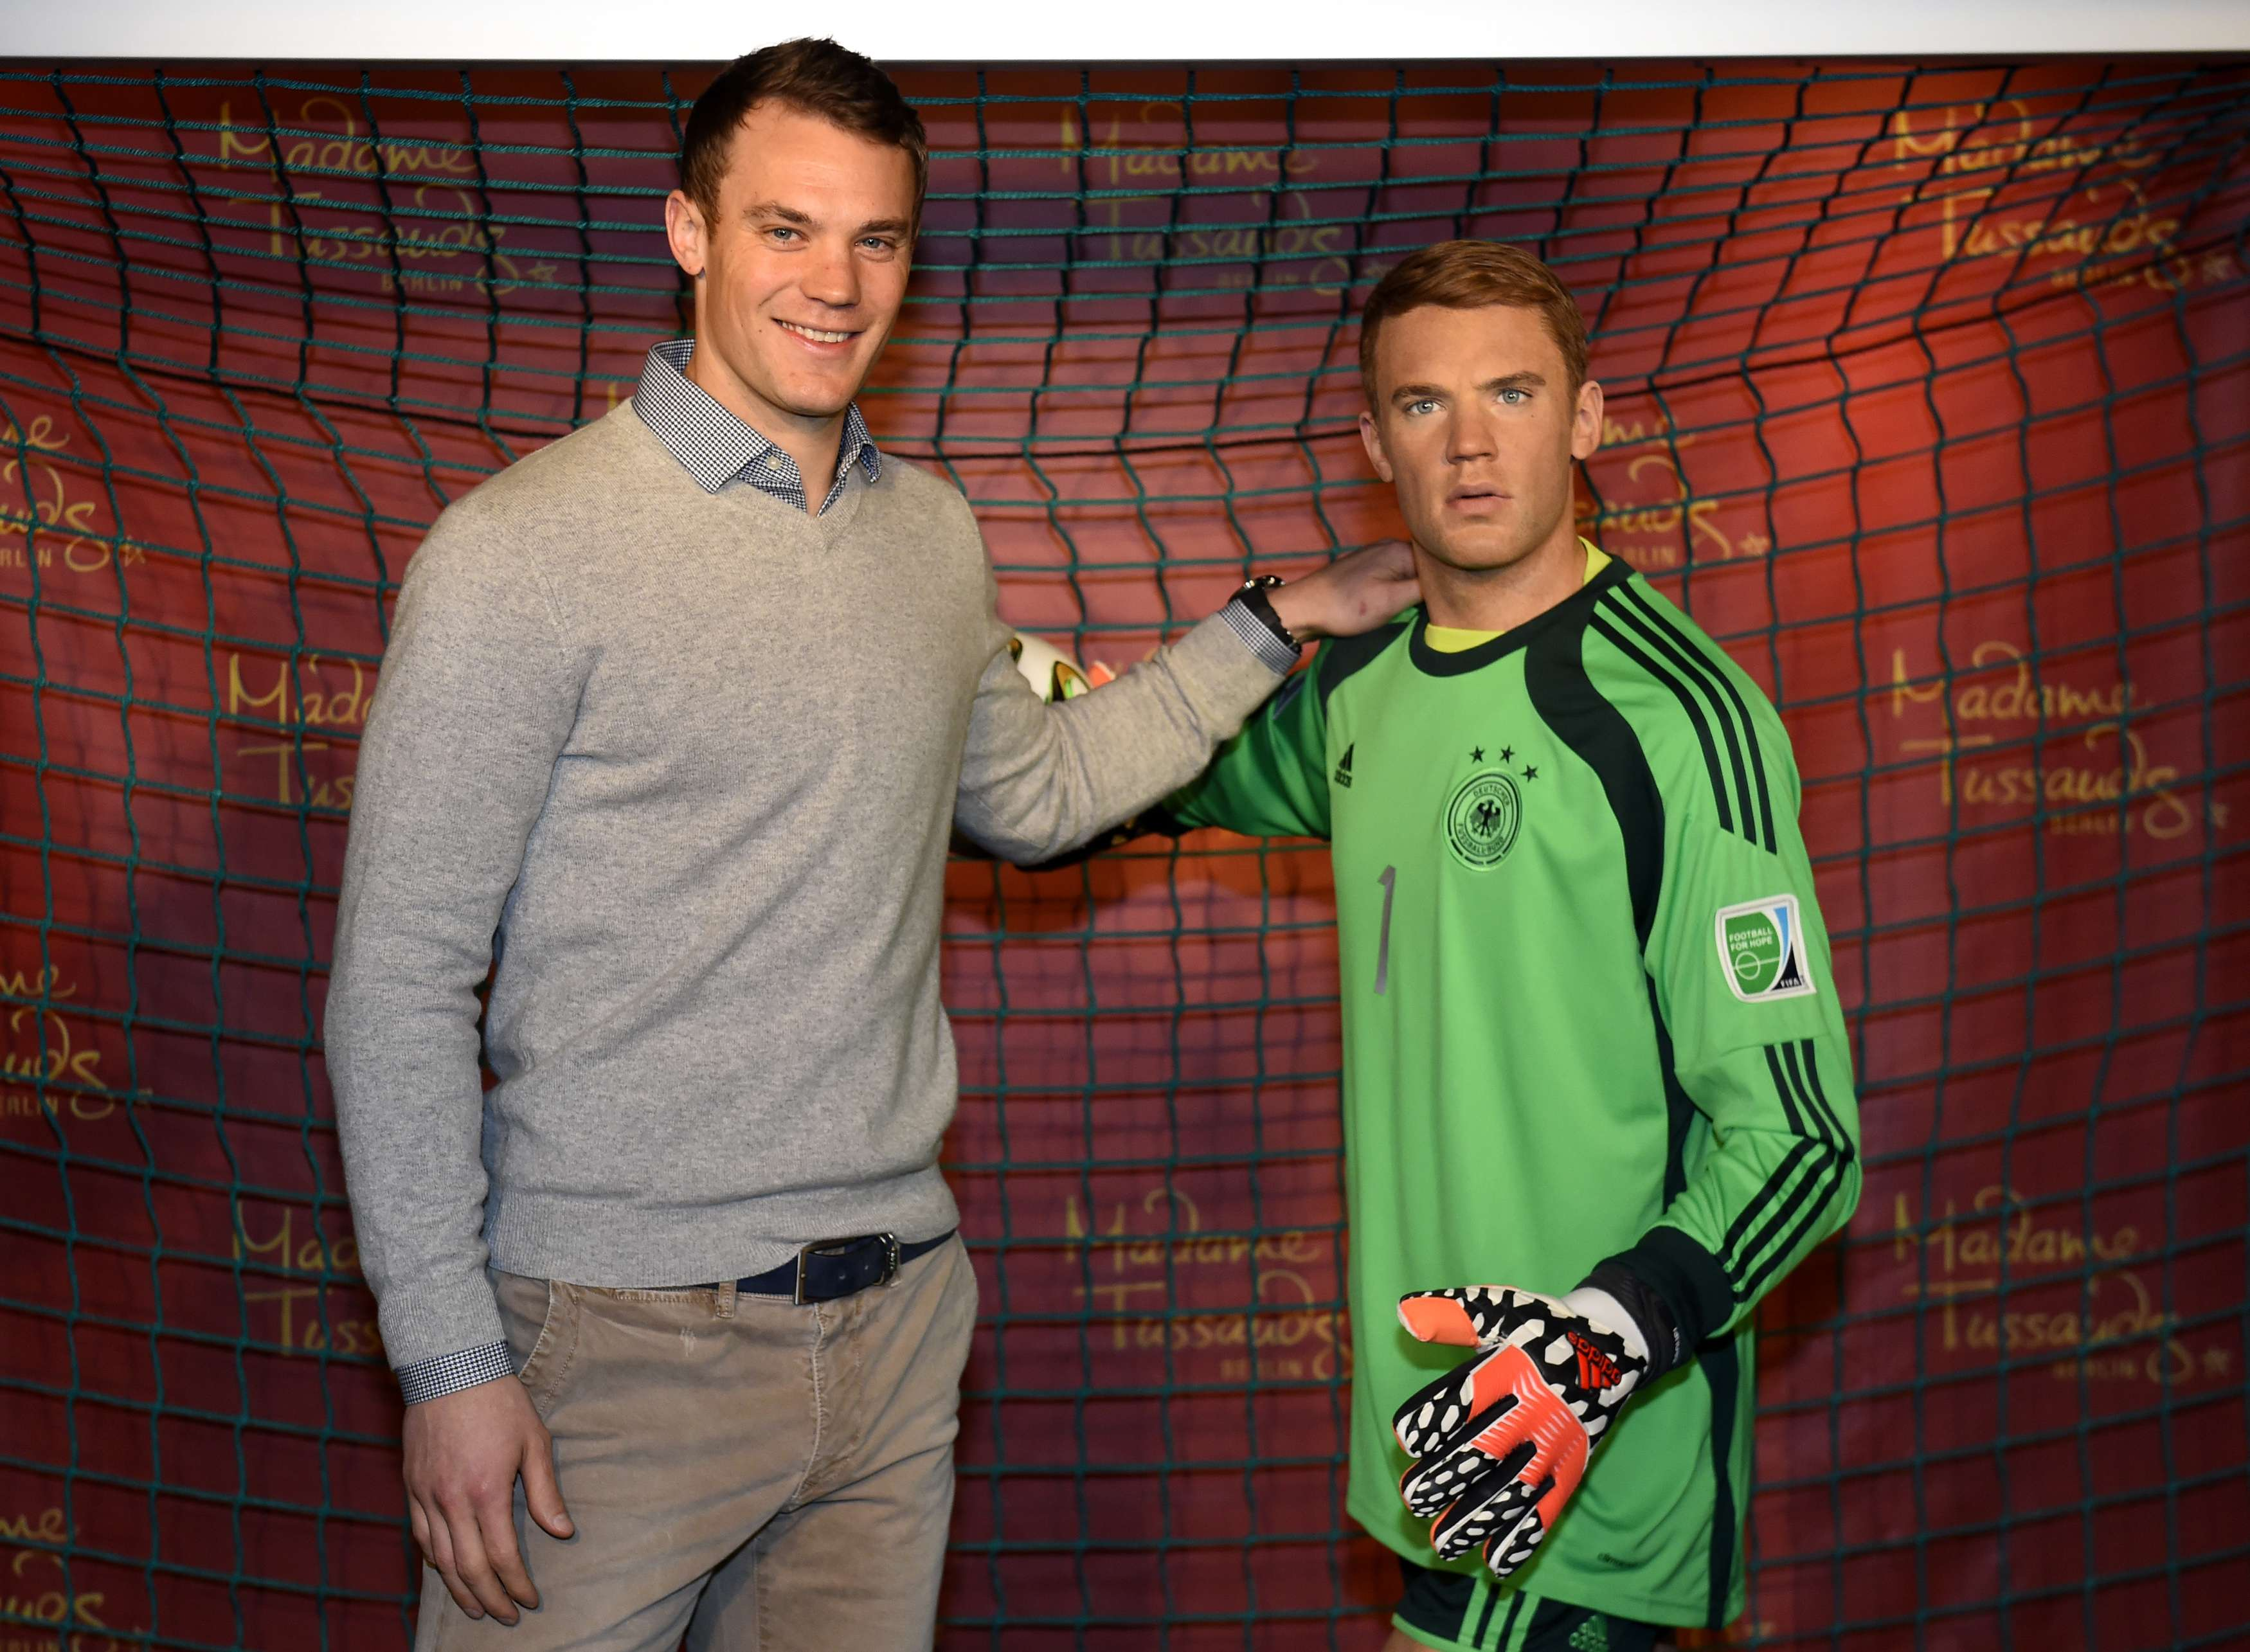 """Neuer ganhou estátua de cera """"baixinha"""" Foto: Tobias Schwartz/AFP"""